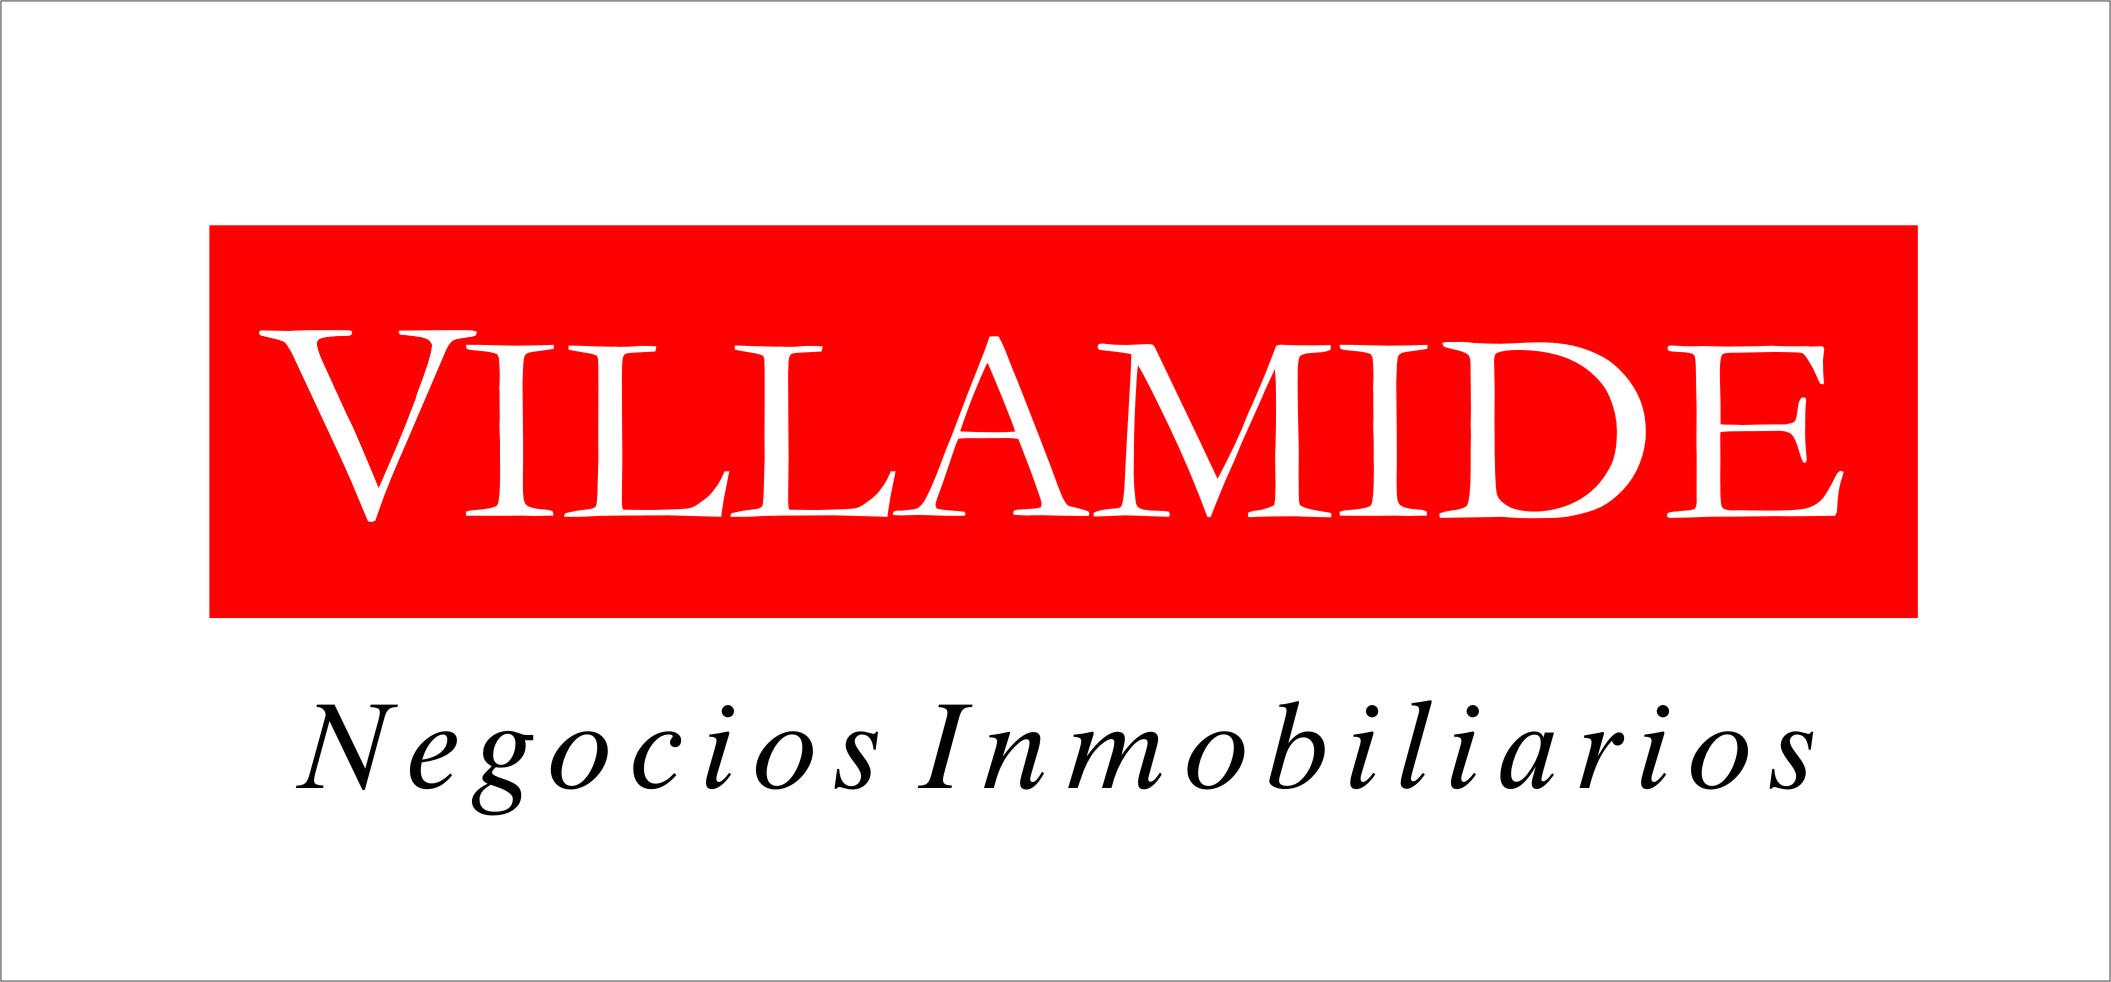 Villamide